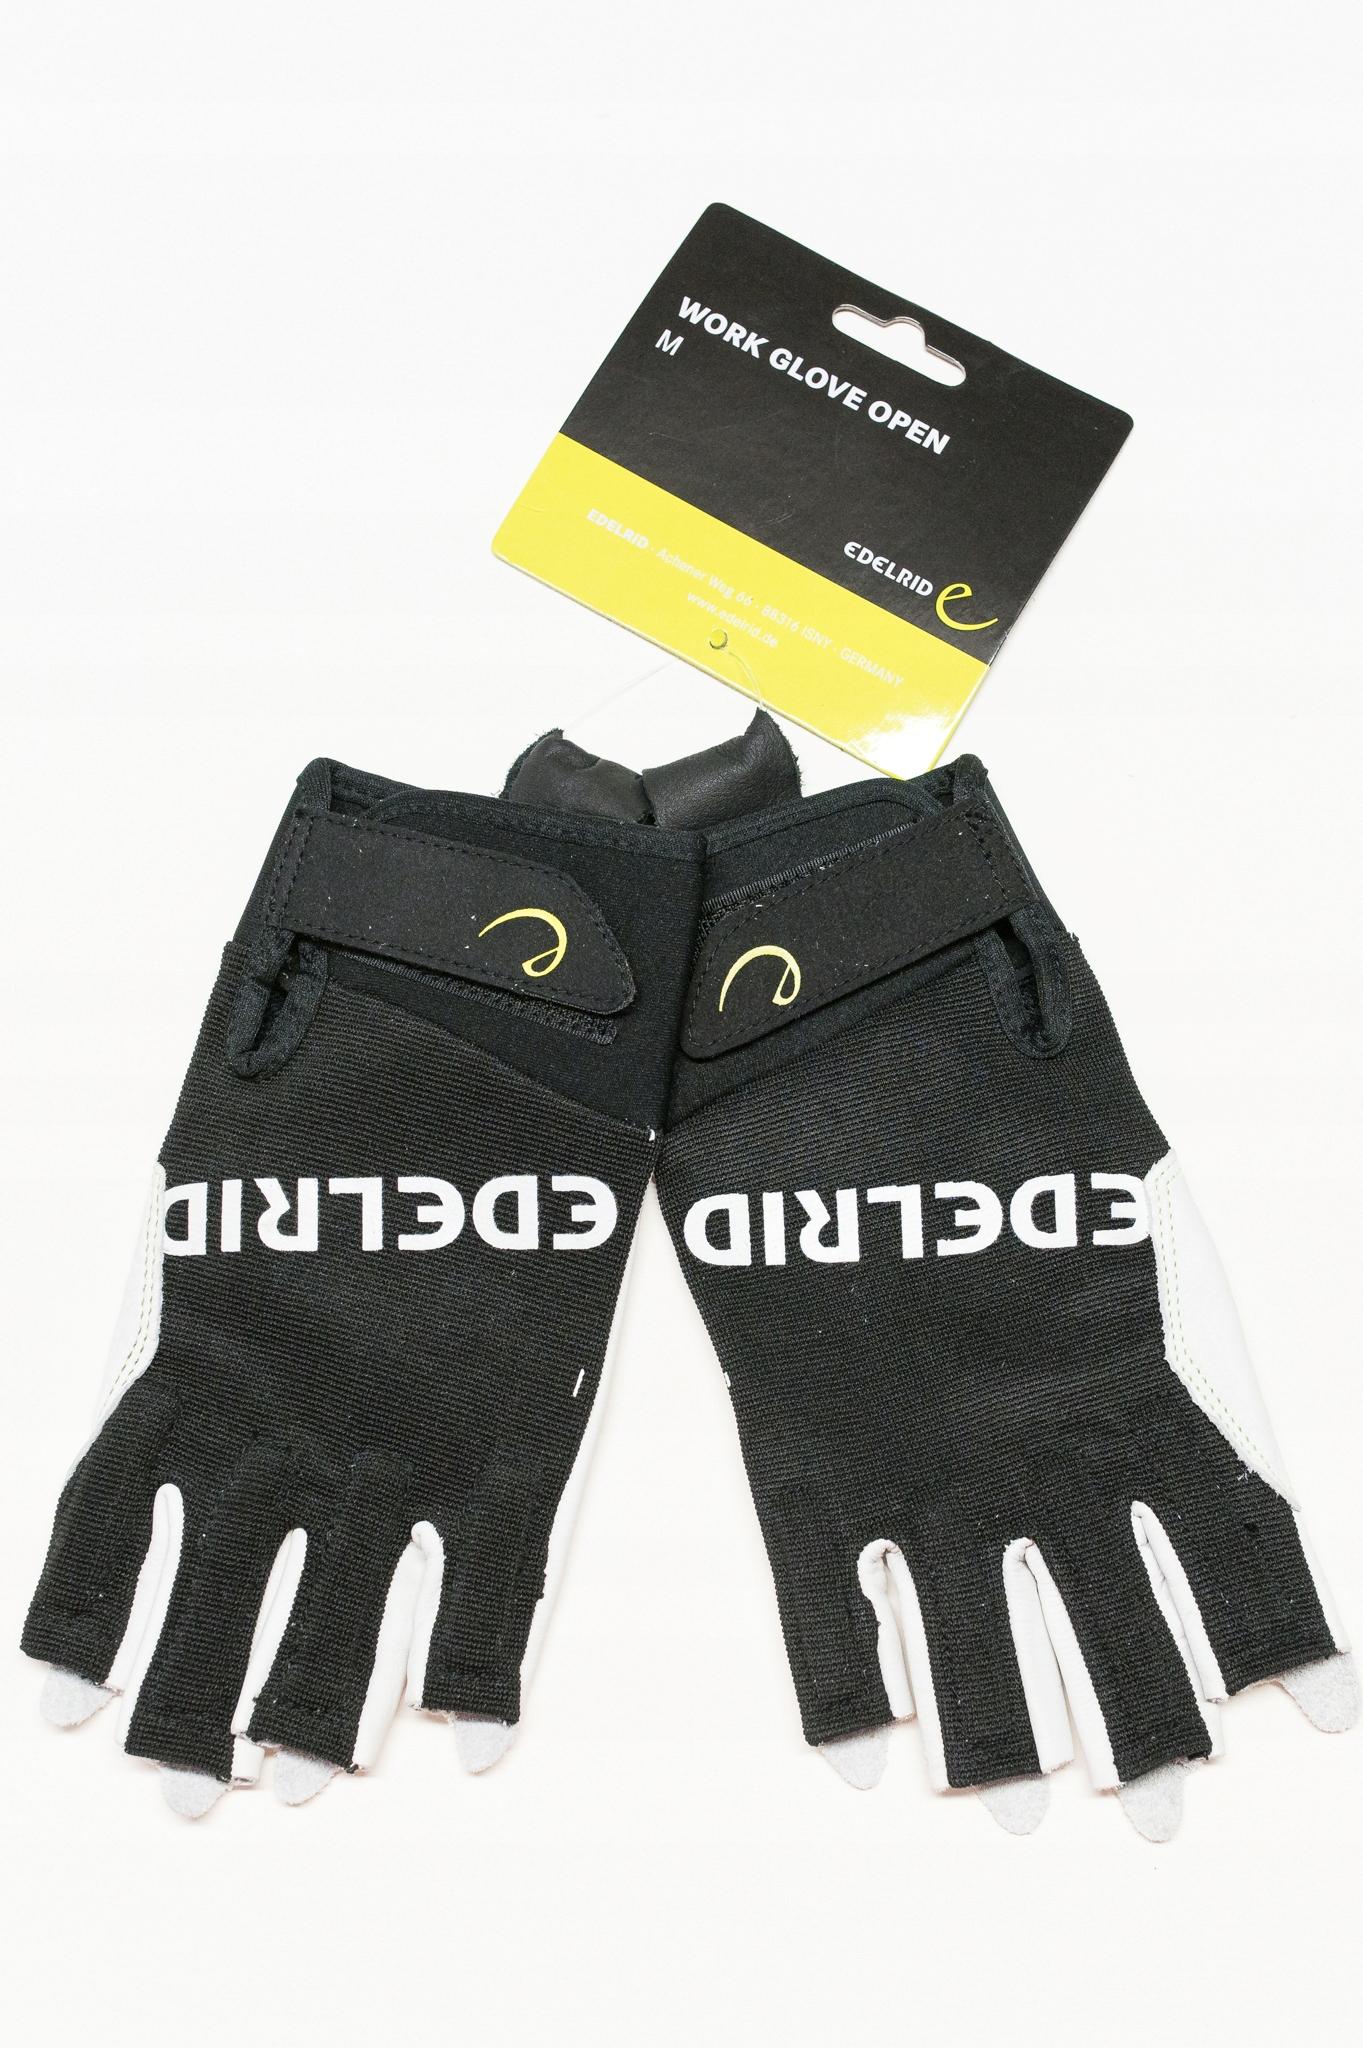 Rękawiczki wspinaczkowe - WORK GLOVE OPEN rozm. M